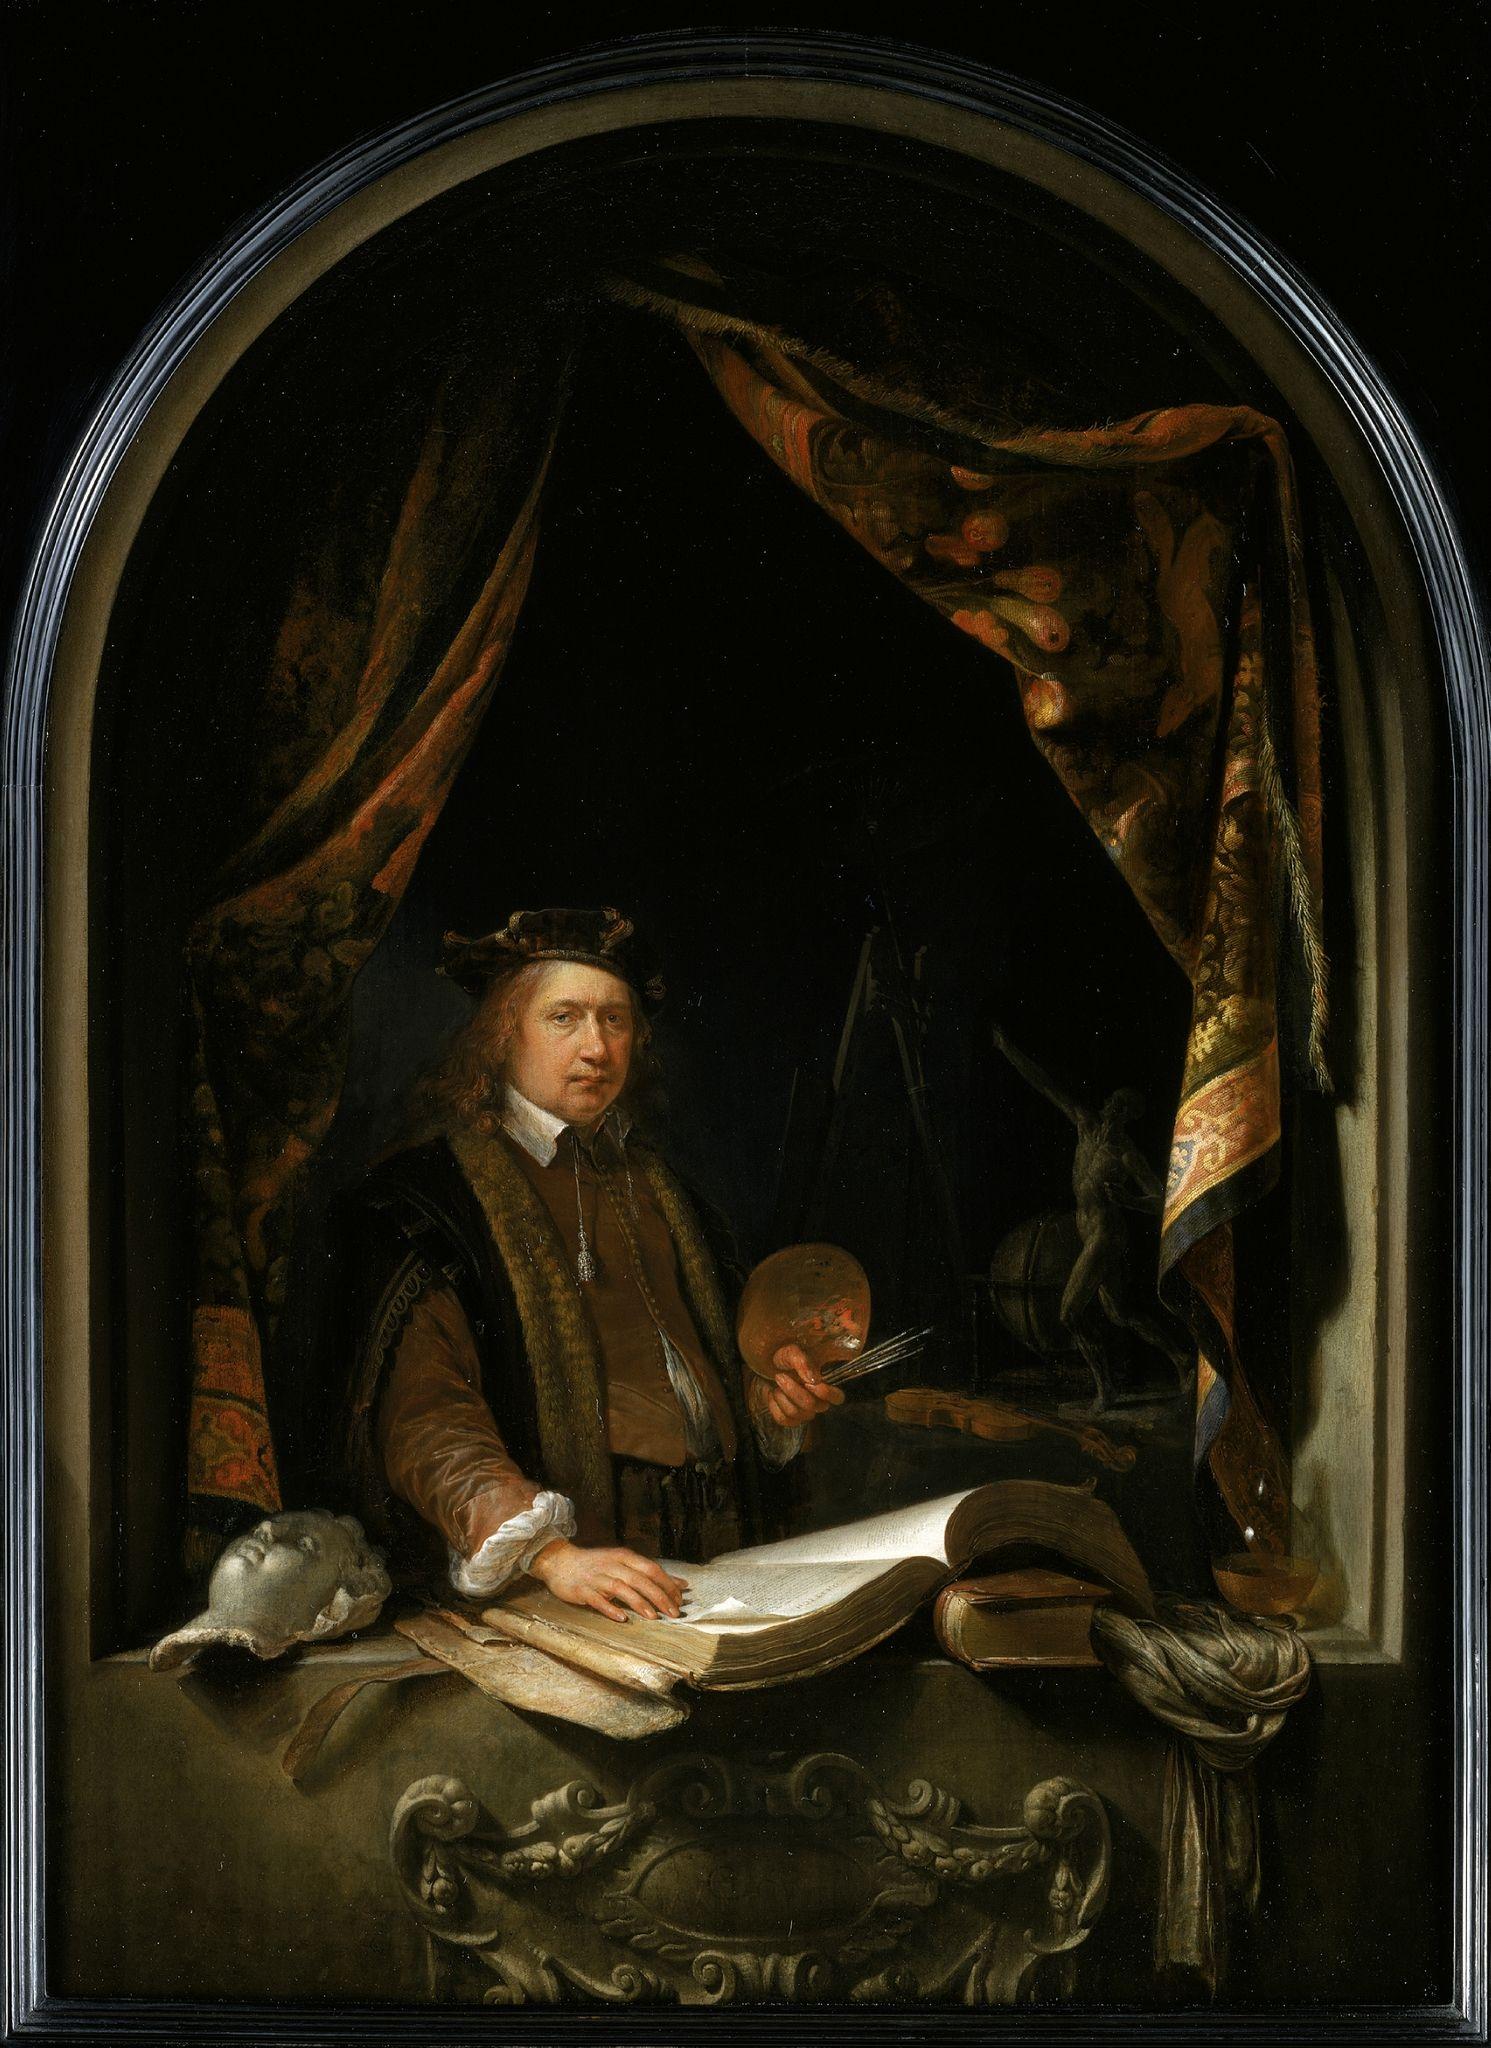 Gerrit Dou (Leiden 1613-1675 Leiden), Self-Portrait, c.1665. Collection Eijk and Rose-Marie de Mol van Otterloo